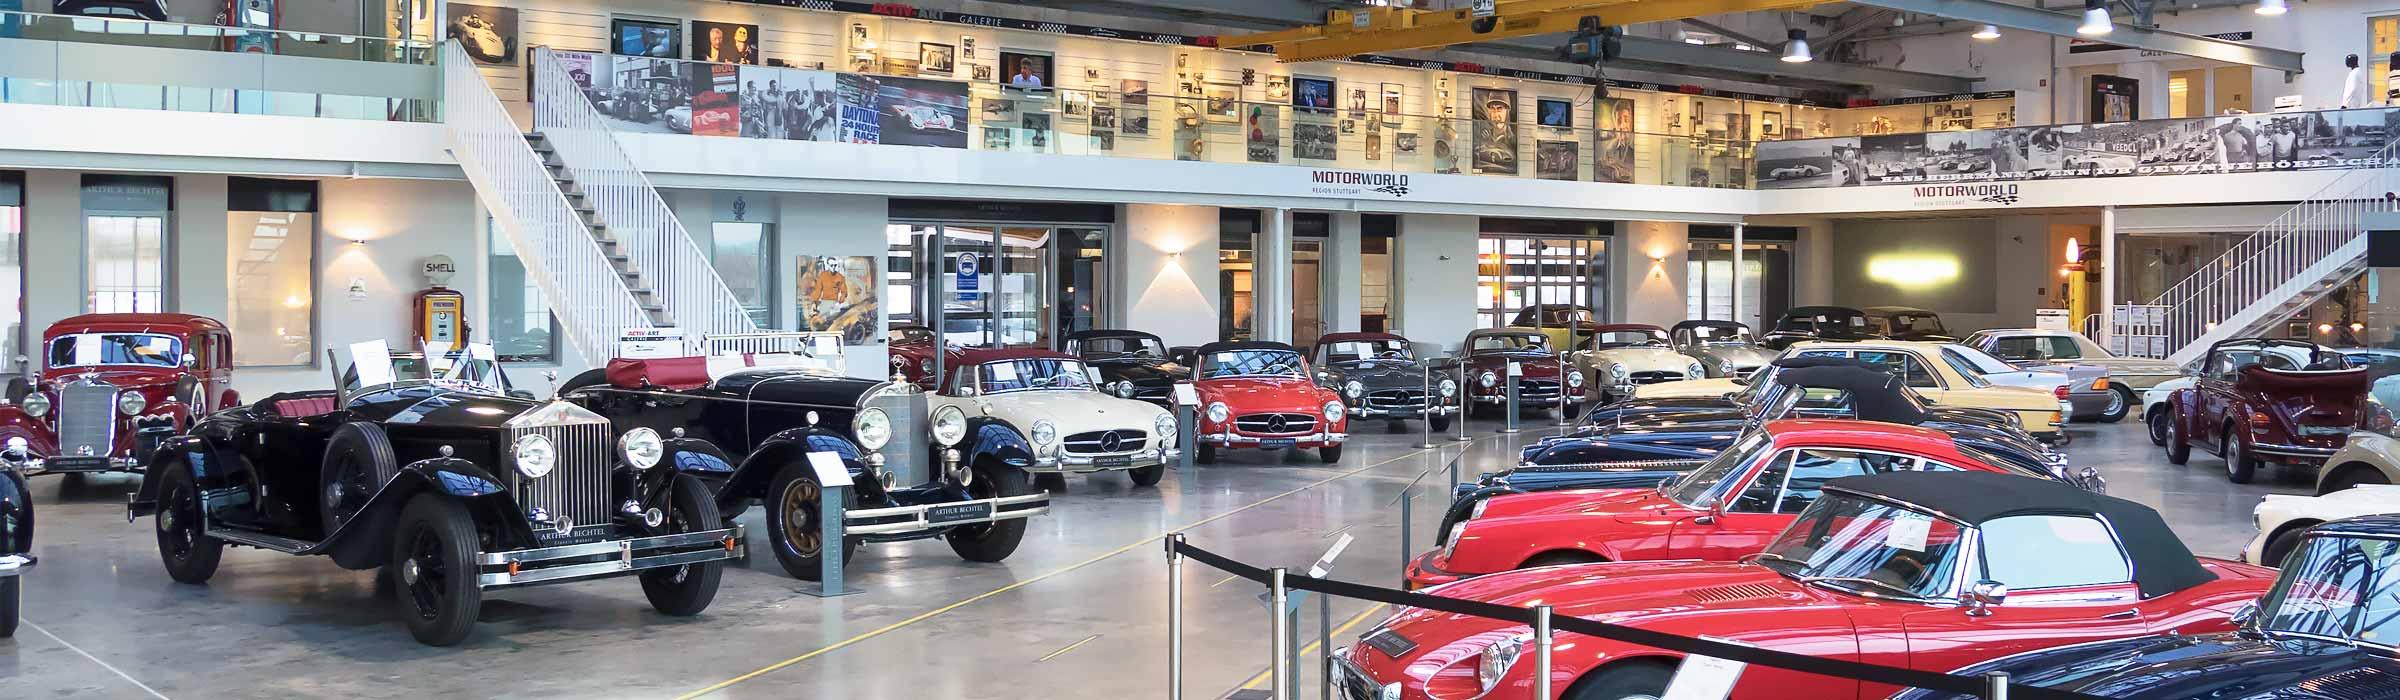 V8 Hotel-Handelshalle Motorworld Region Stuttgart